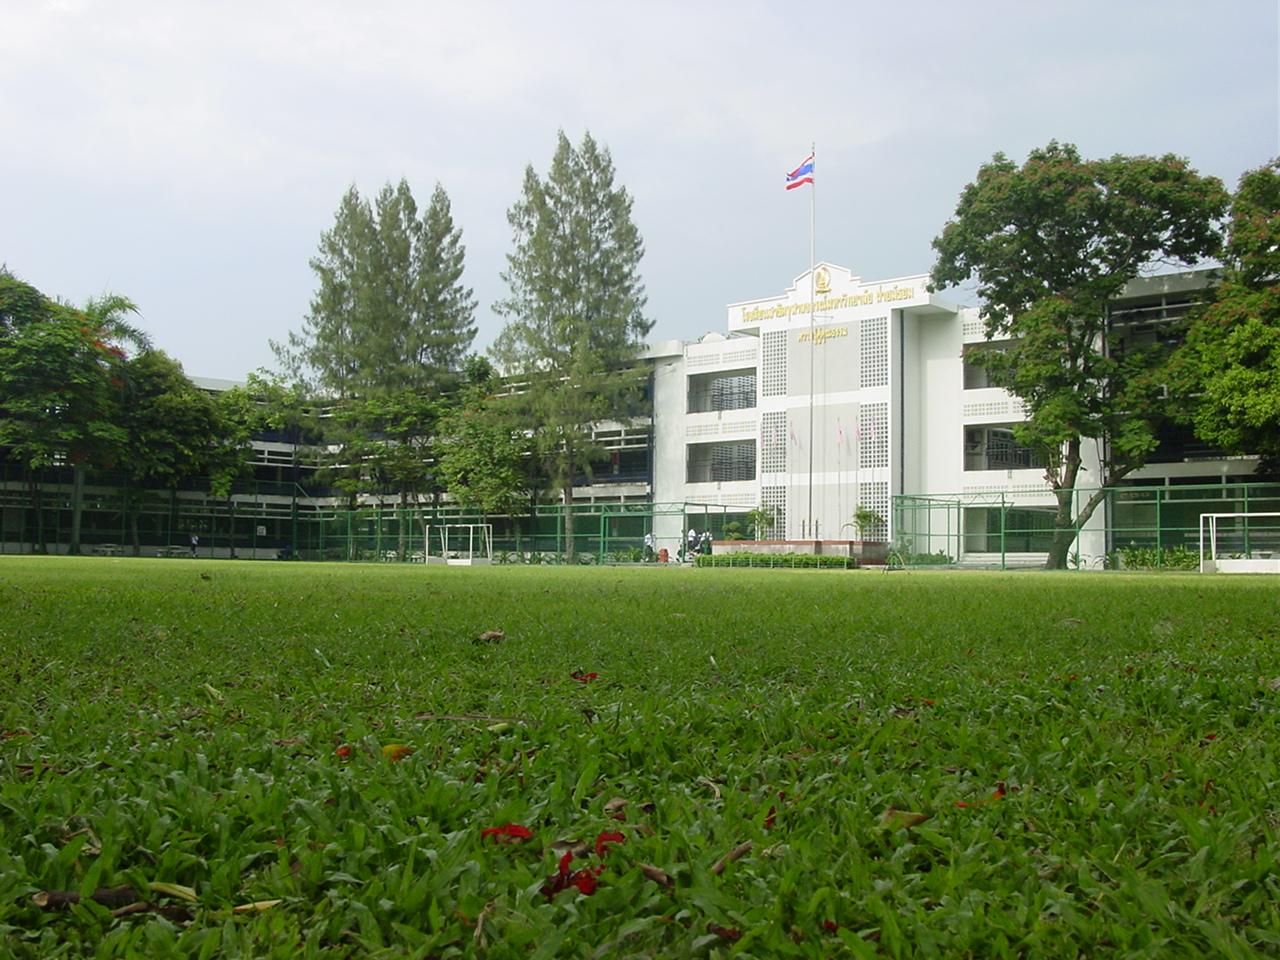 โรงเรียนสาธิตจุฬาลงกรณ์มหาวิทยาลัย